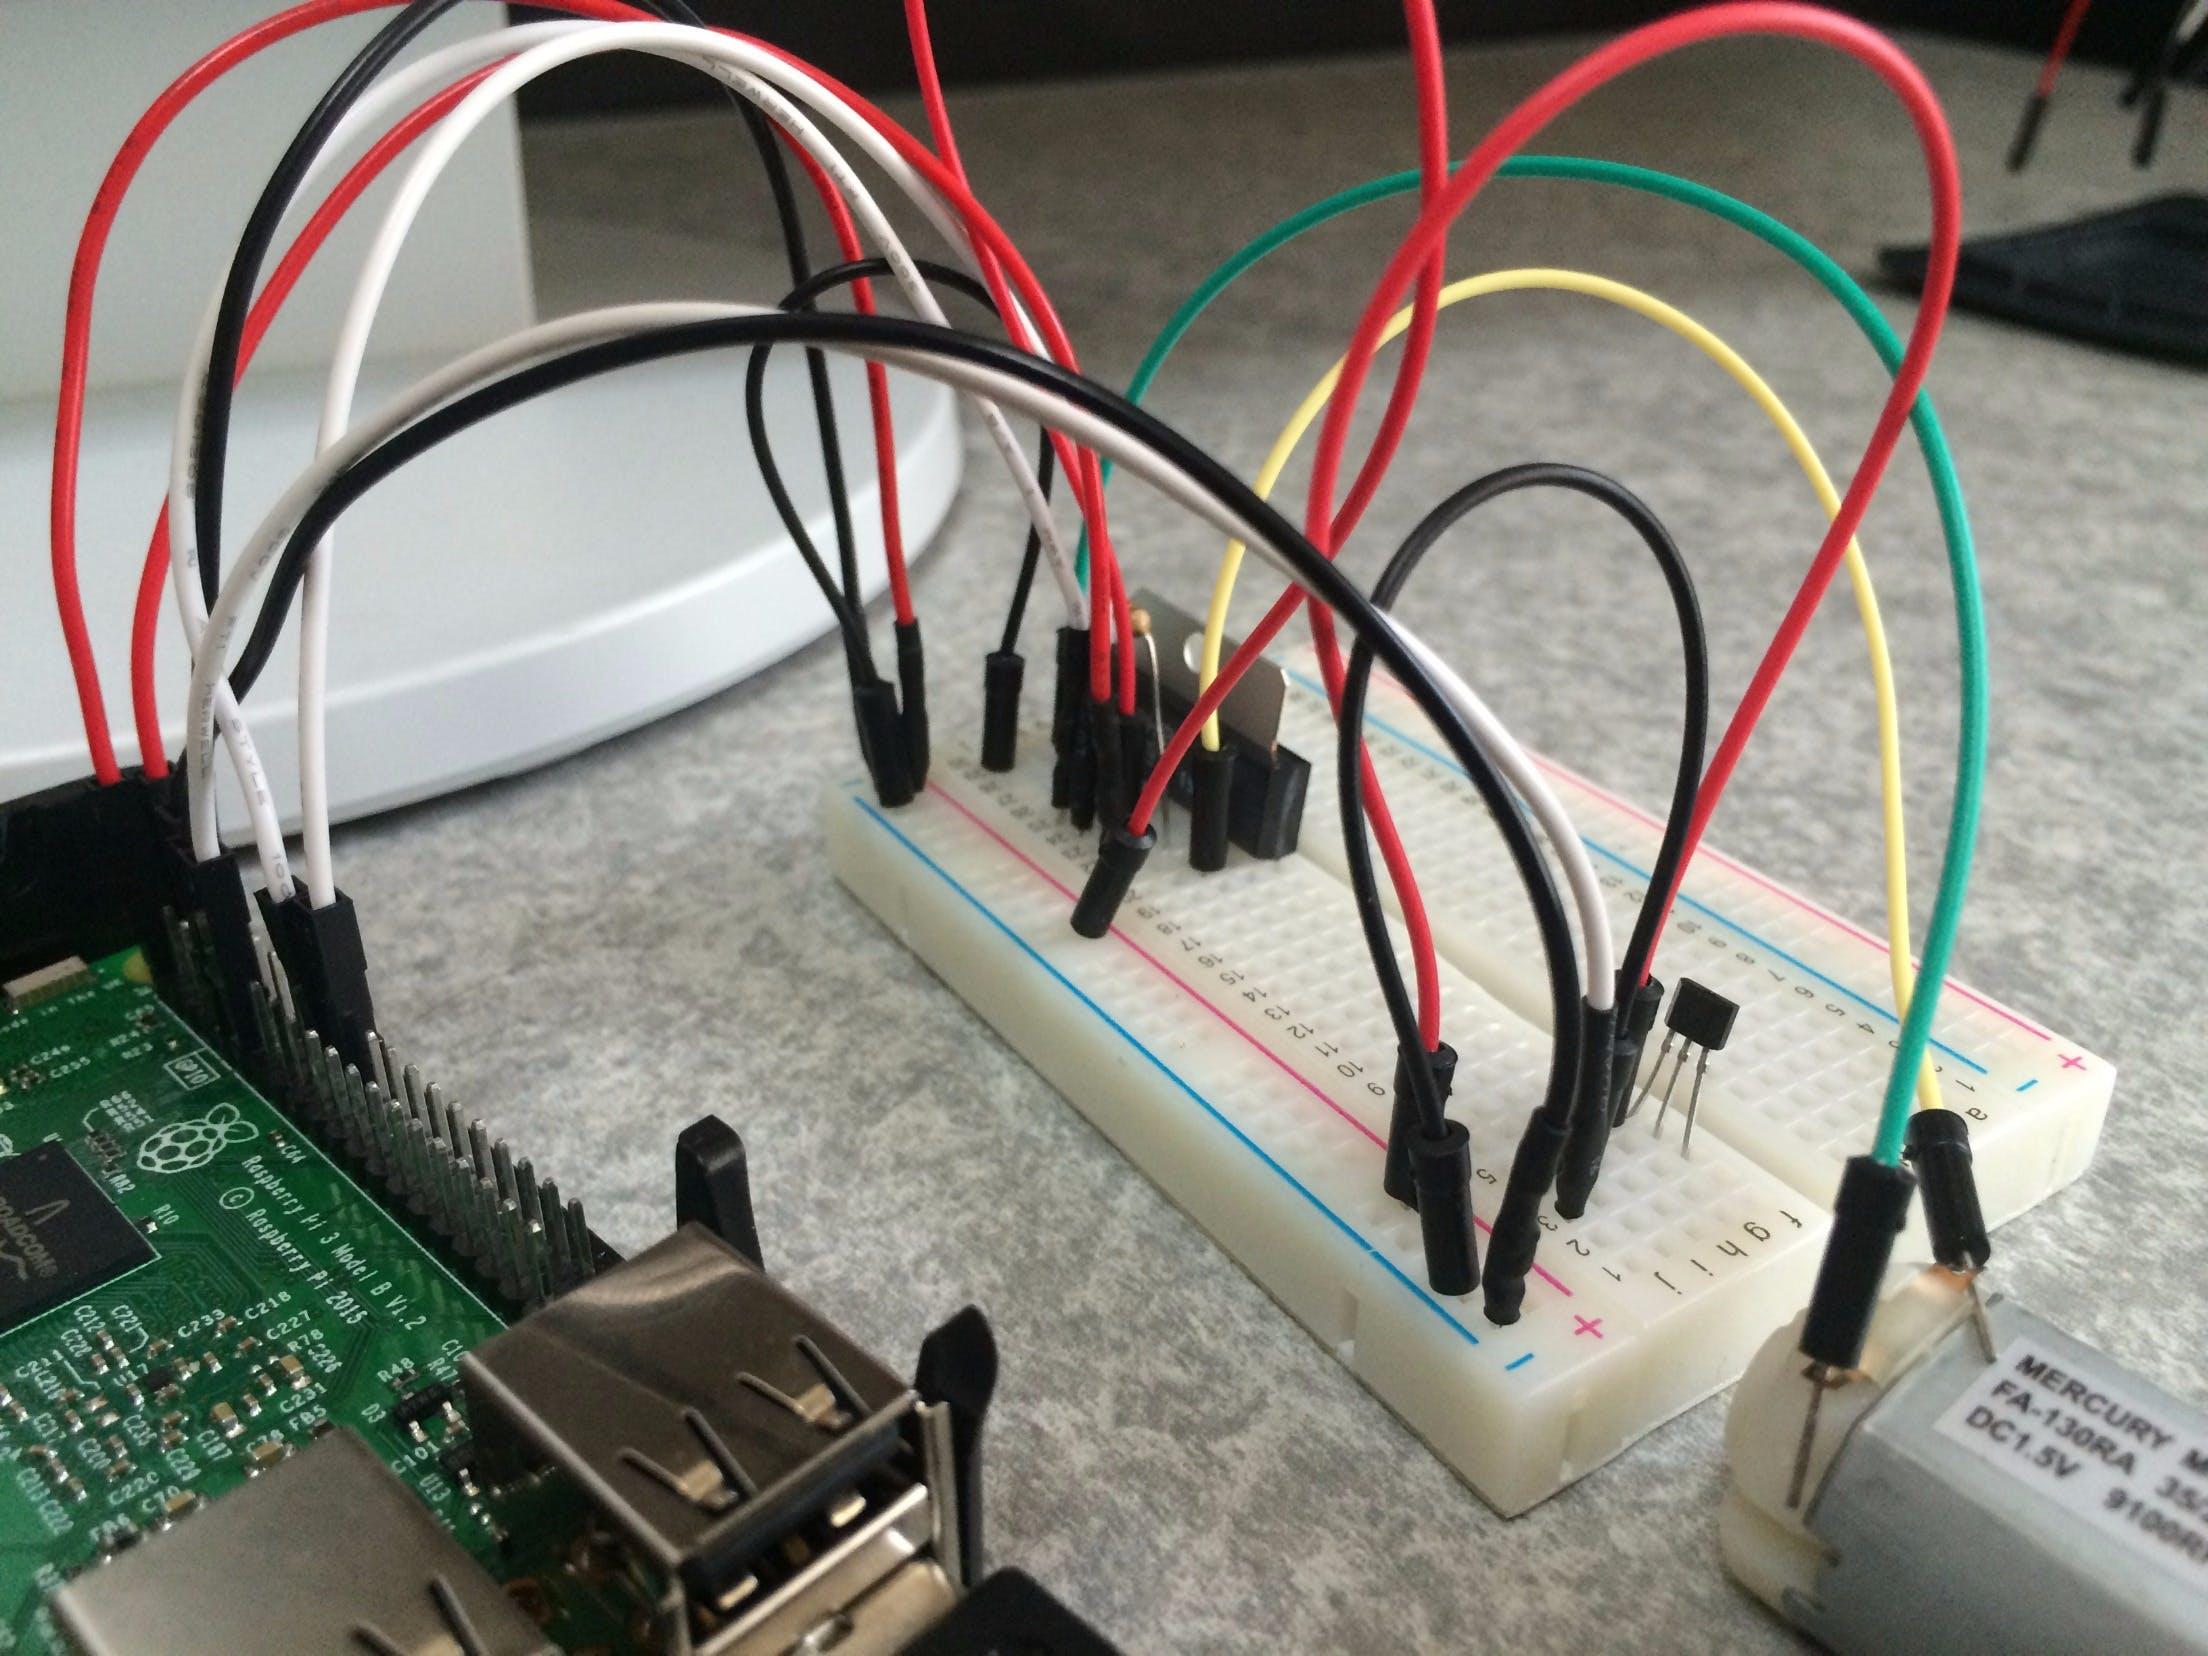 ついに…Raspberry Pi 3でpythonを使いラジコンを作る!(磁石を近づけるとモータが動く編)回路.jpg